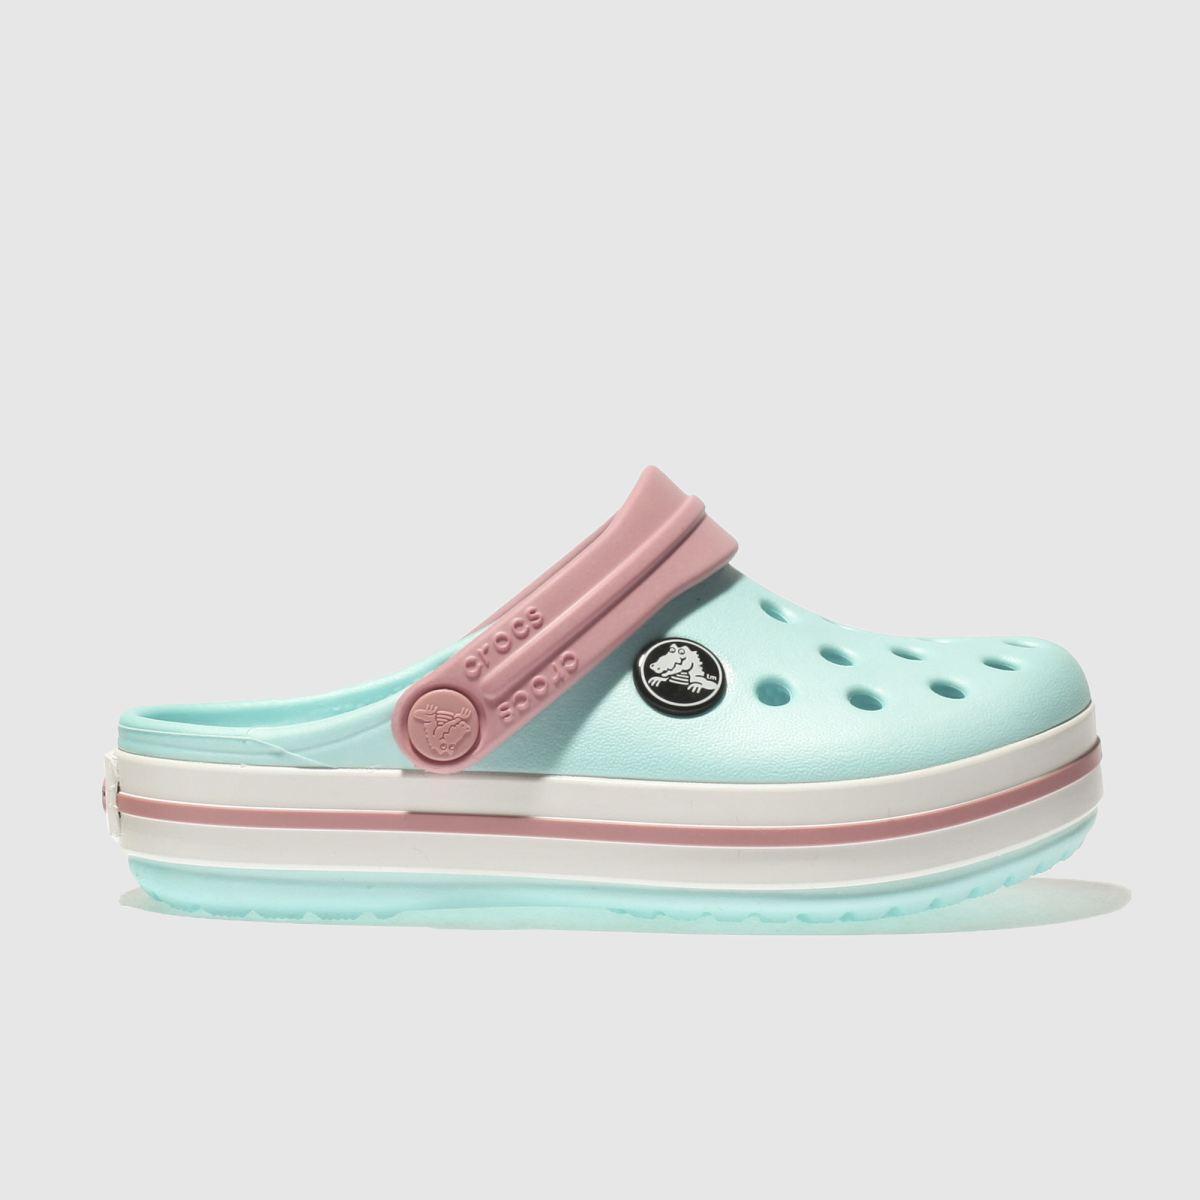 Crocs Pale Blue Crocband Clog Sandals Toddler